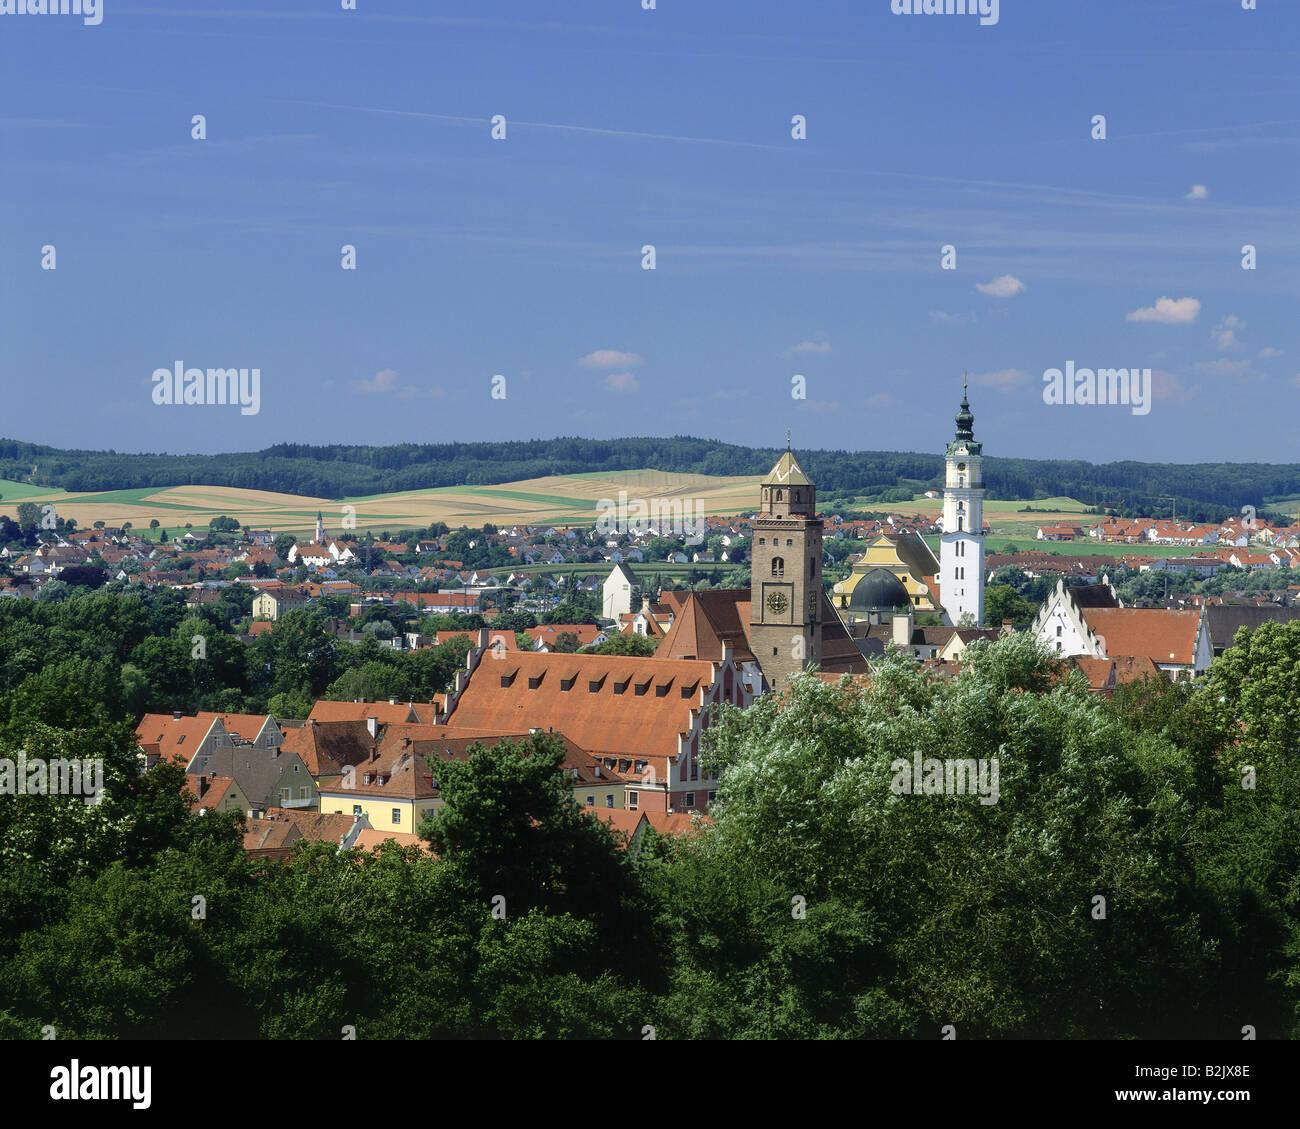 Geographie/Reisen, Deutschland, Bayern, Donauwoerth, Blick auf die Stadt/Stadtansichten, Additional-Rights - Clearance Stockbild